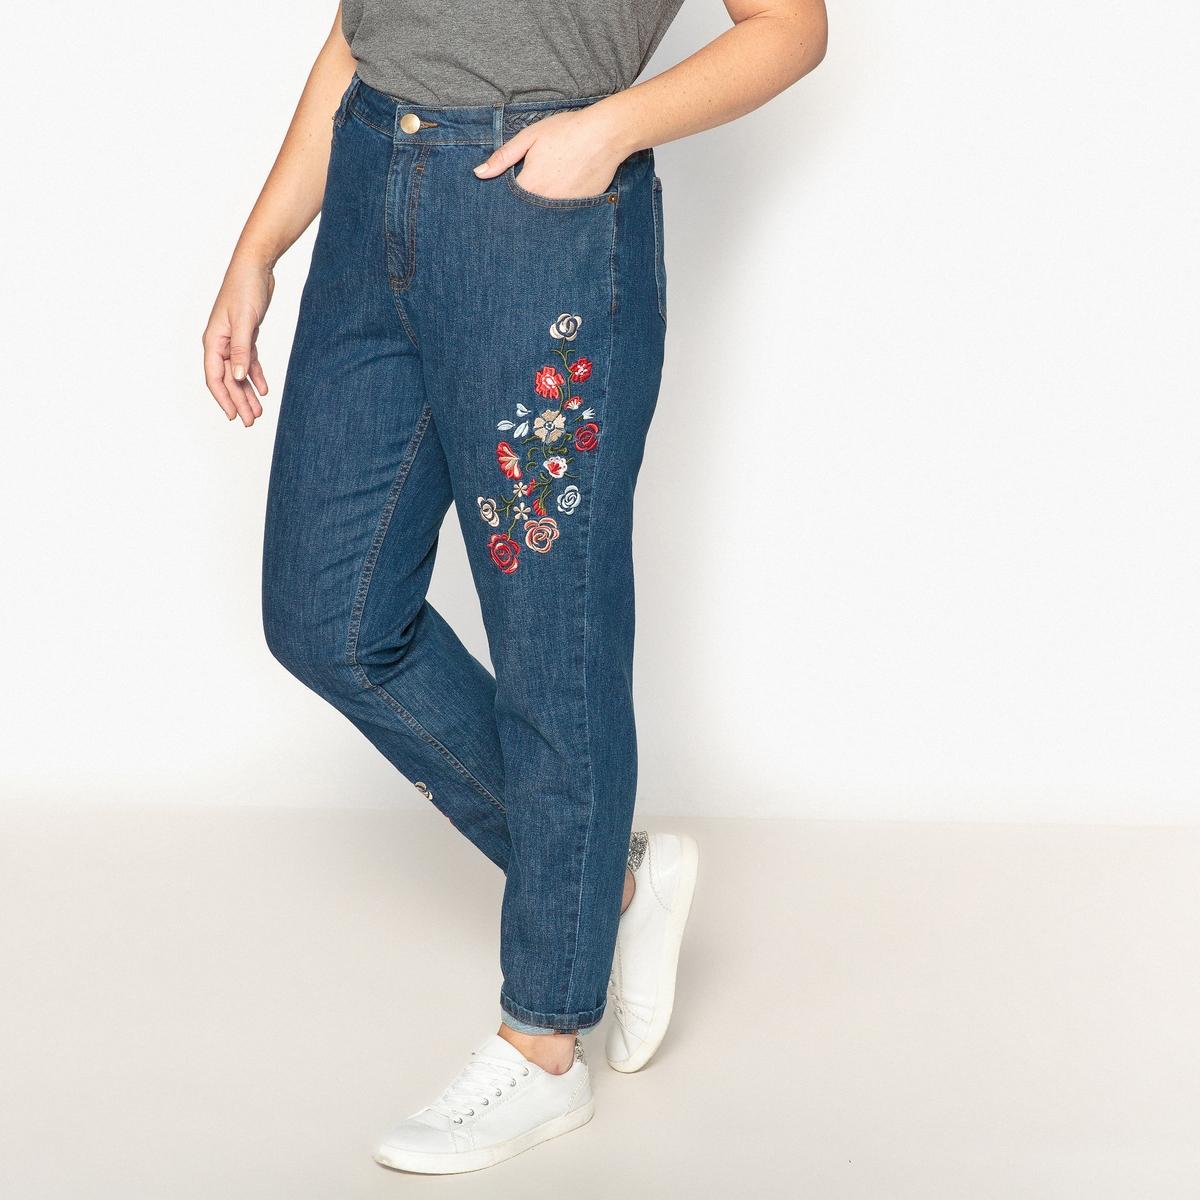 Джинсы-мом с вышитым цветочным узоромОписание:Очень модные джинсы-мом, украшенные настоящей вышивкой. Идеально сочетаются с кедами, свободный стиль.Детали  •  Покрой бойфит •  Стандартная высота пояса •  Рисунок спередиСостав и уход  •  98% хлопка, 2% эластана •  Стирать при 30° на деликатном режиме  •  Сухая чистка и отбеливание запрещены   •  Не использовать барабанную сушку  •  Низкая температура глажки Товар из коллекции больших размеров<br><br>Цвет: синий потертый<br>Размер: 46 (FR) - 52 (RUS).42 (FR) - 48 (RUS)